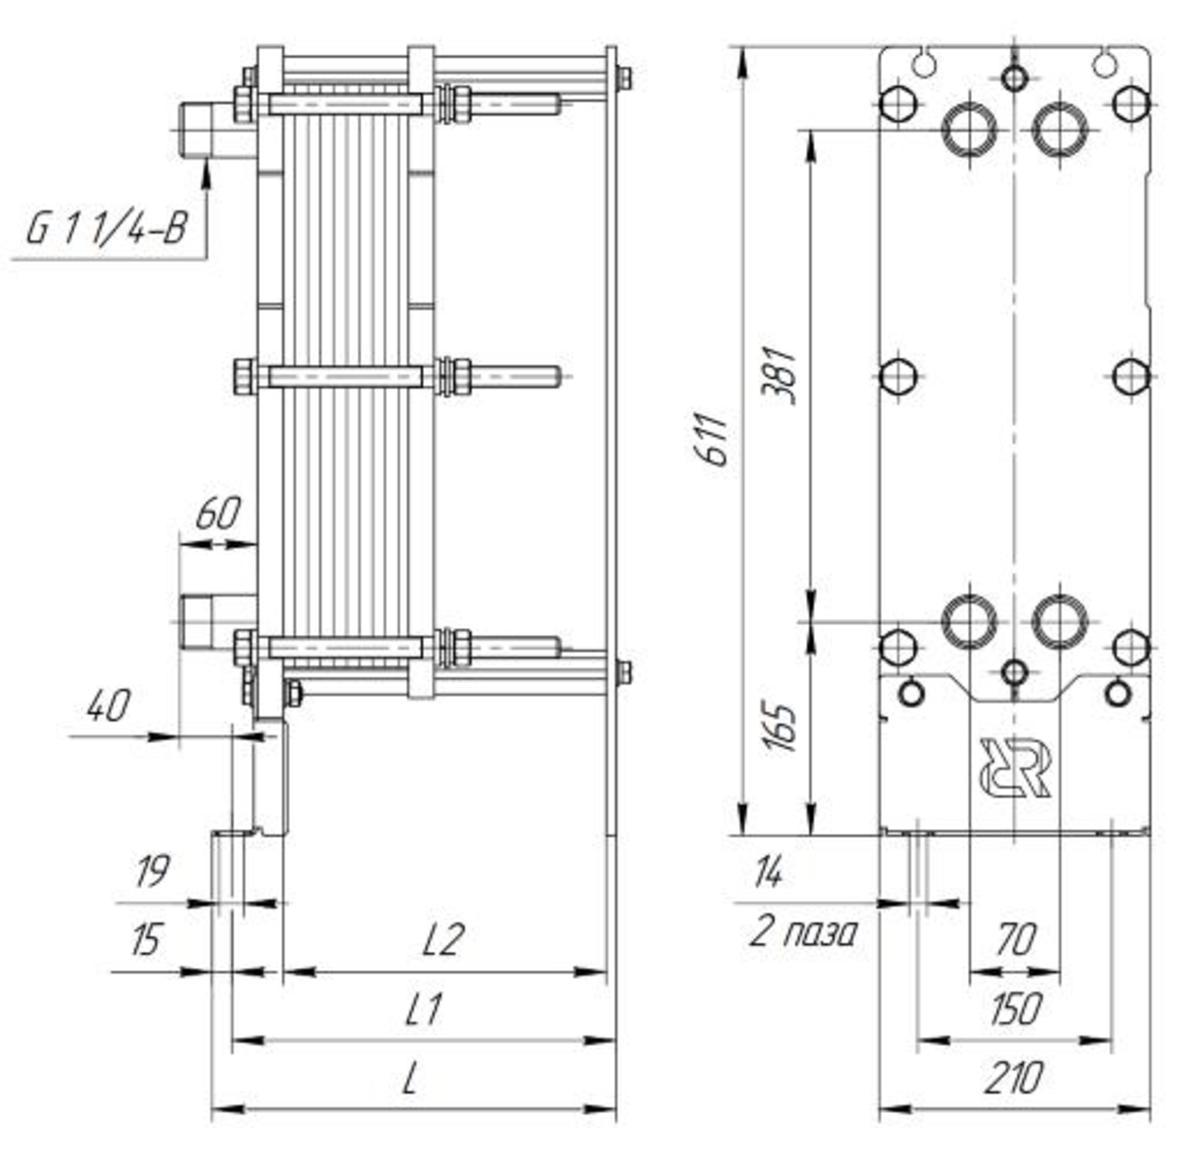 Теплообменник hh 08 цена Уплотнения теплообменника APV J107 Волгодонск